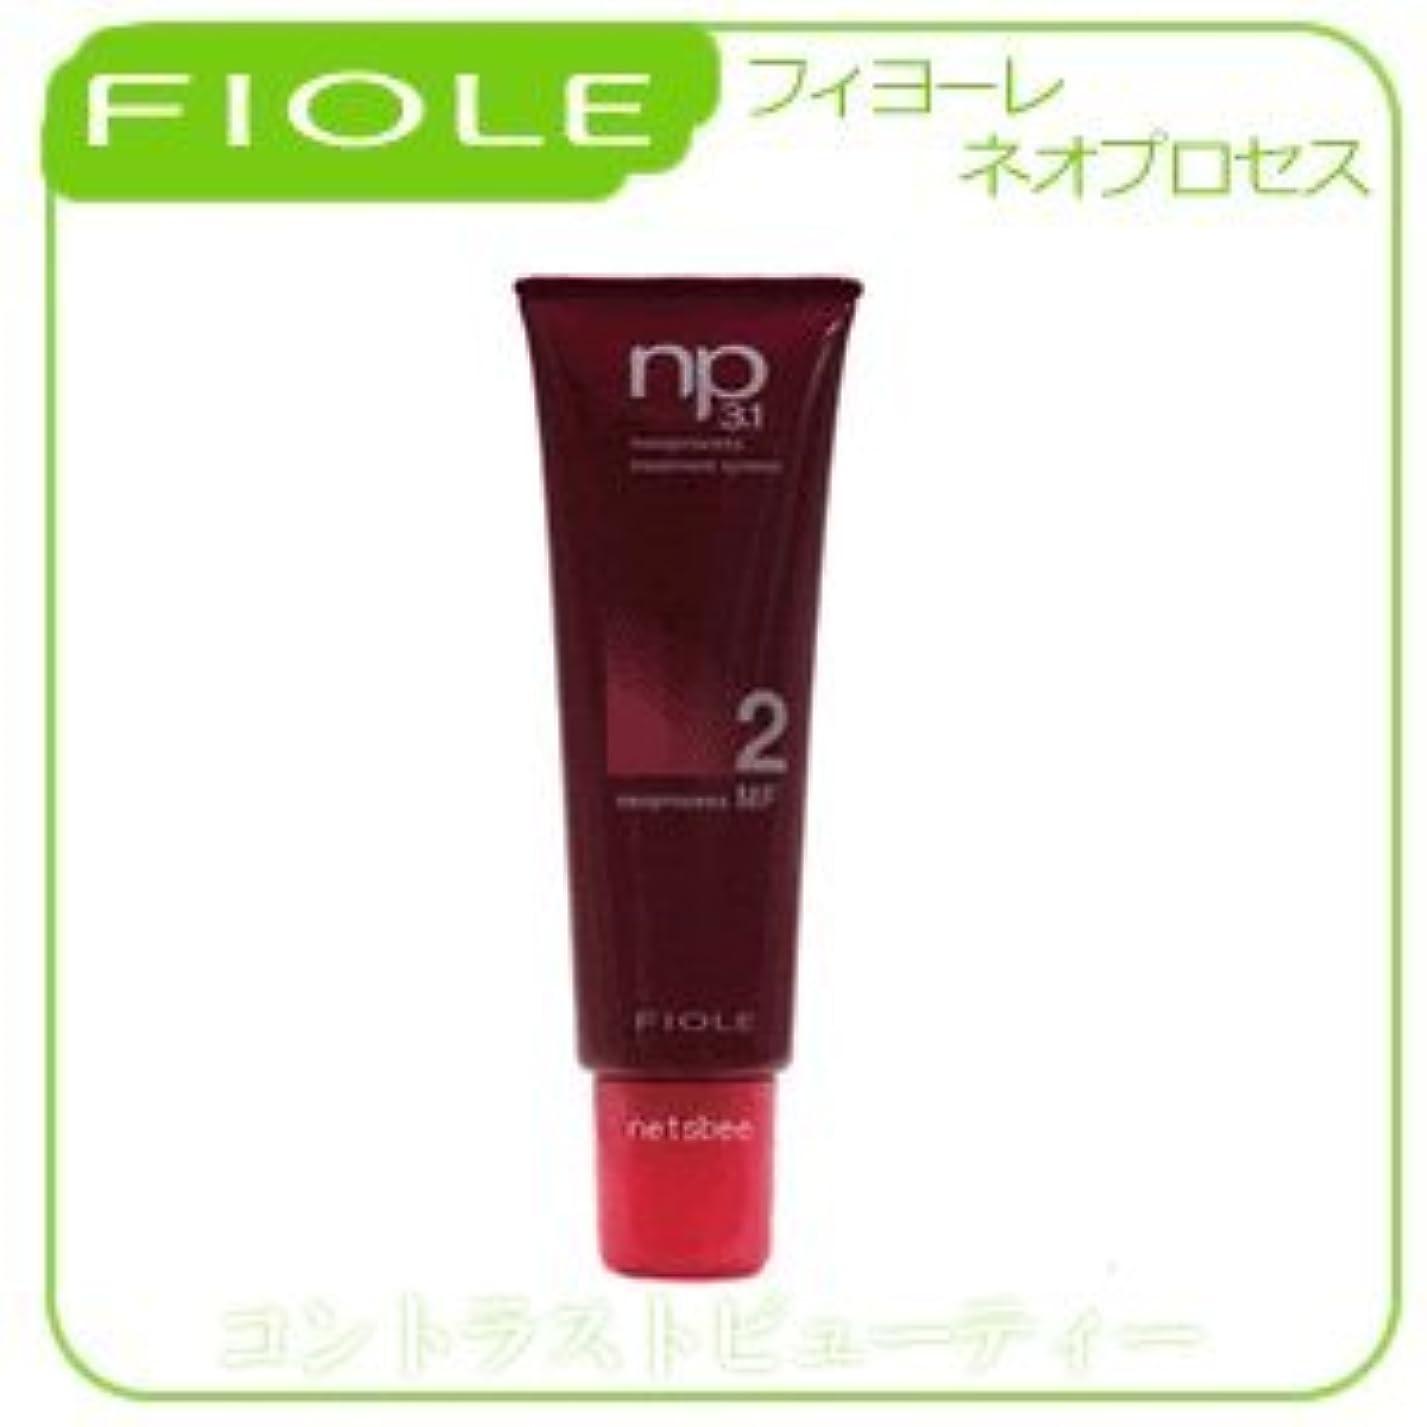 機関葉っぱ港【X4個セット】 フィヨーレ NP3.1 ネオプロセス MF2 130g FIOLE ネオプロセス